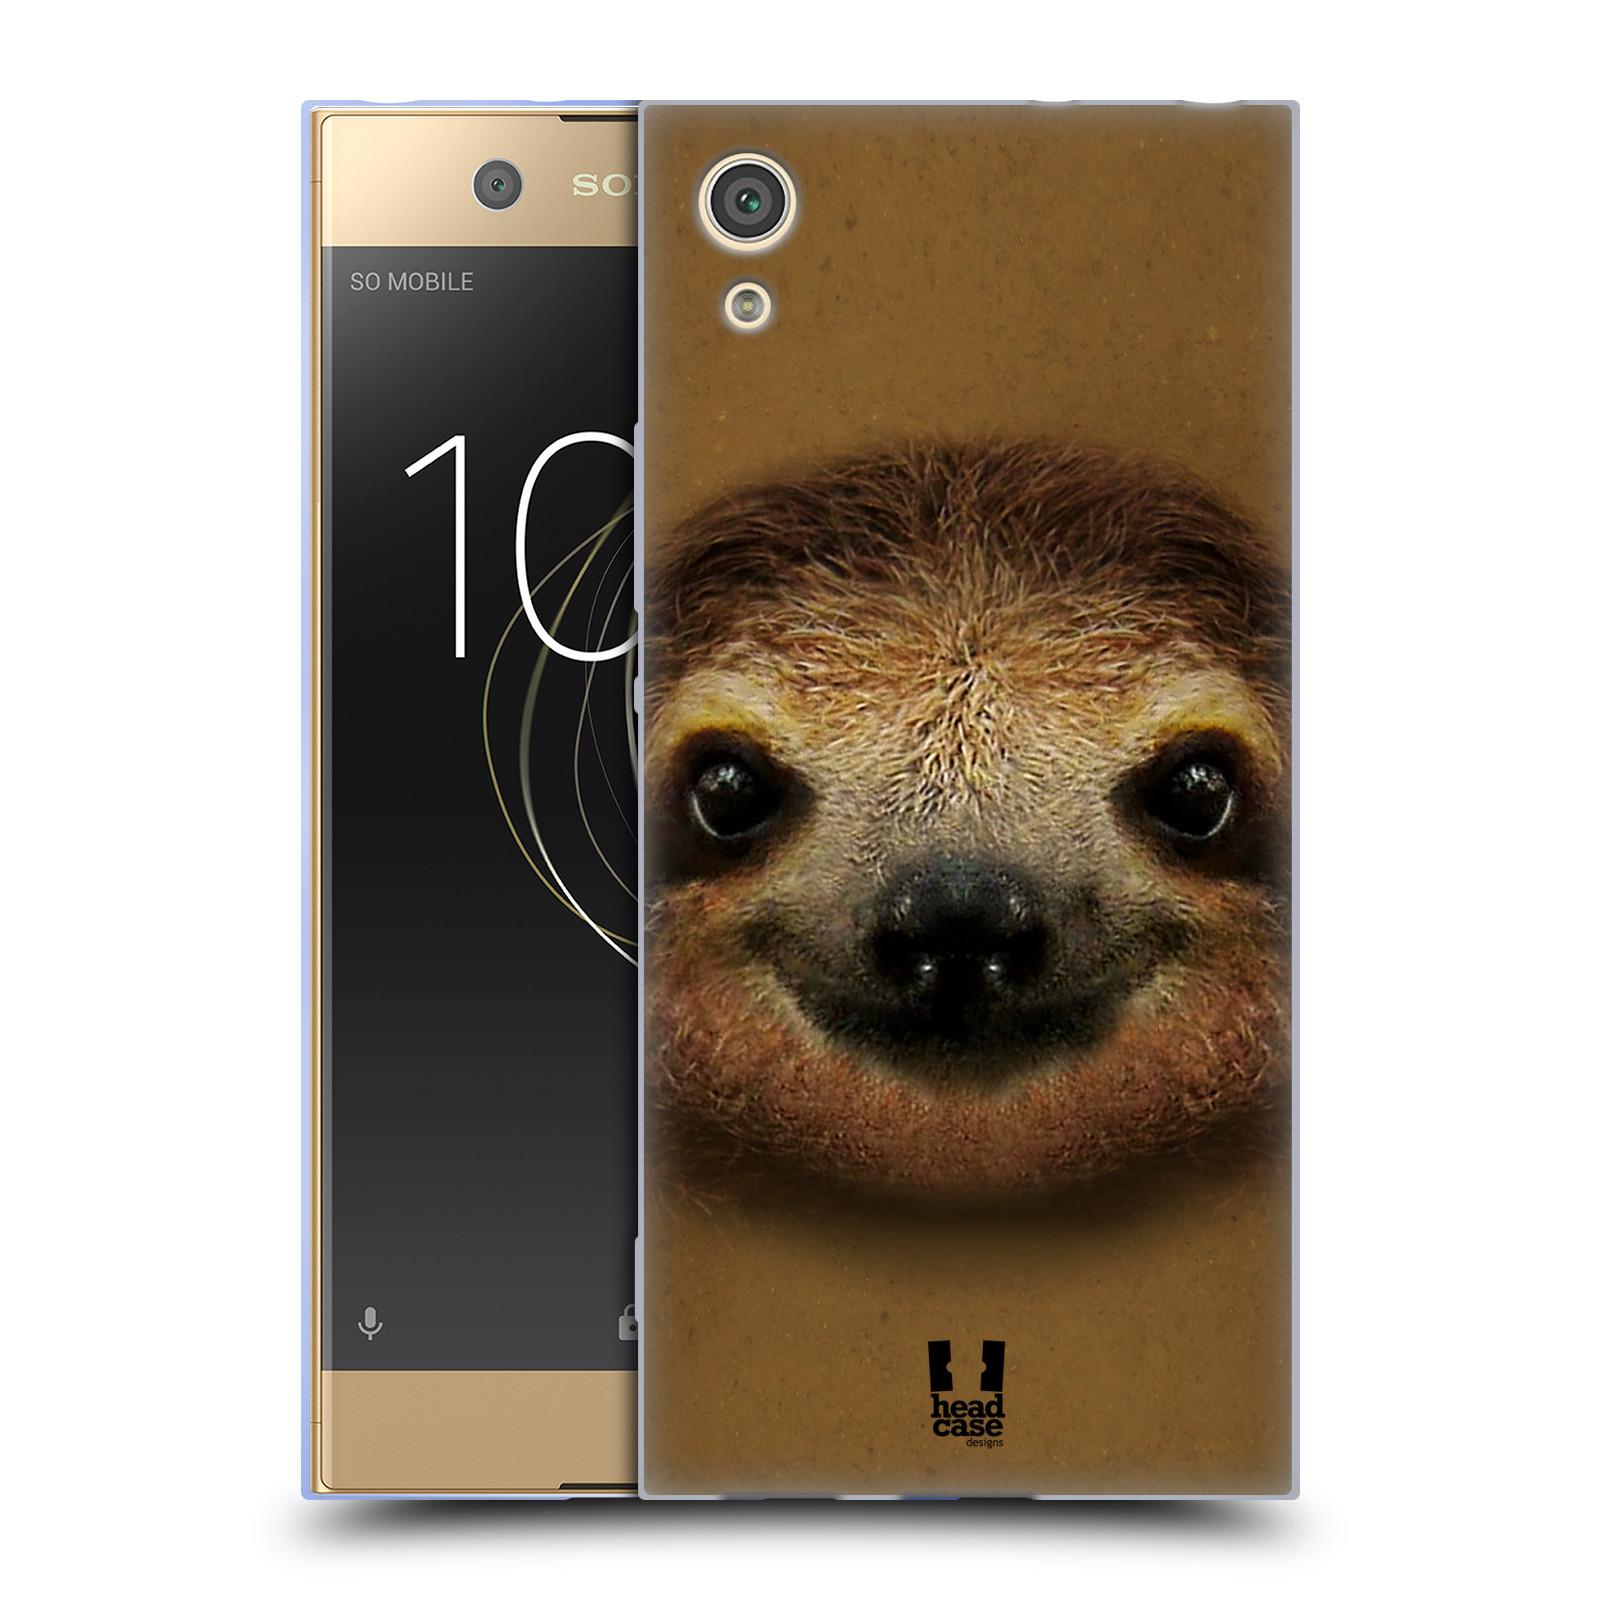 HEAD CASE silikonový obal na mobil Sony Xperia XA1 / XA1 DUAL SIM vzor Zvířecí tváře 2 lenochod